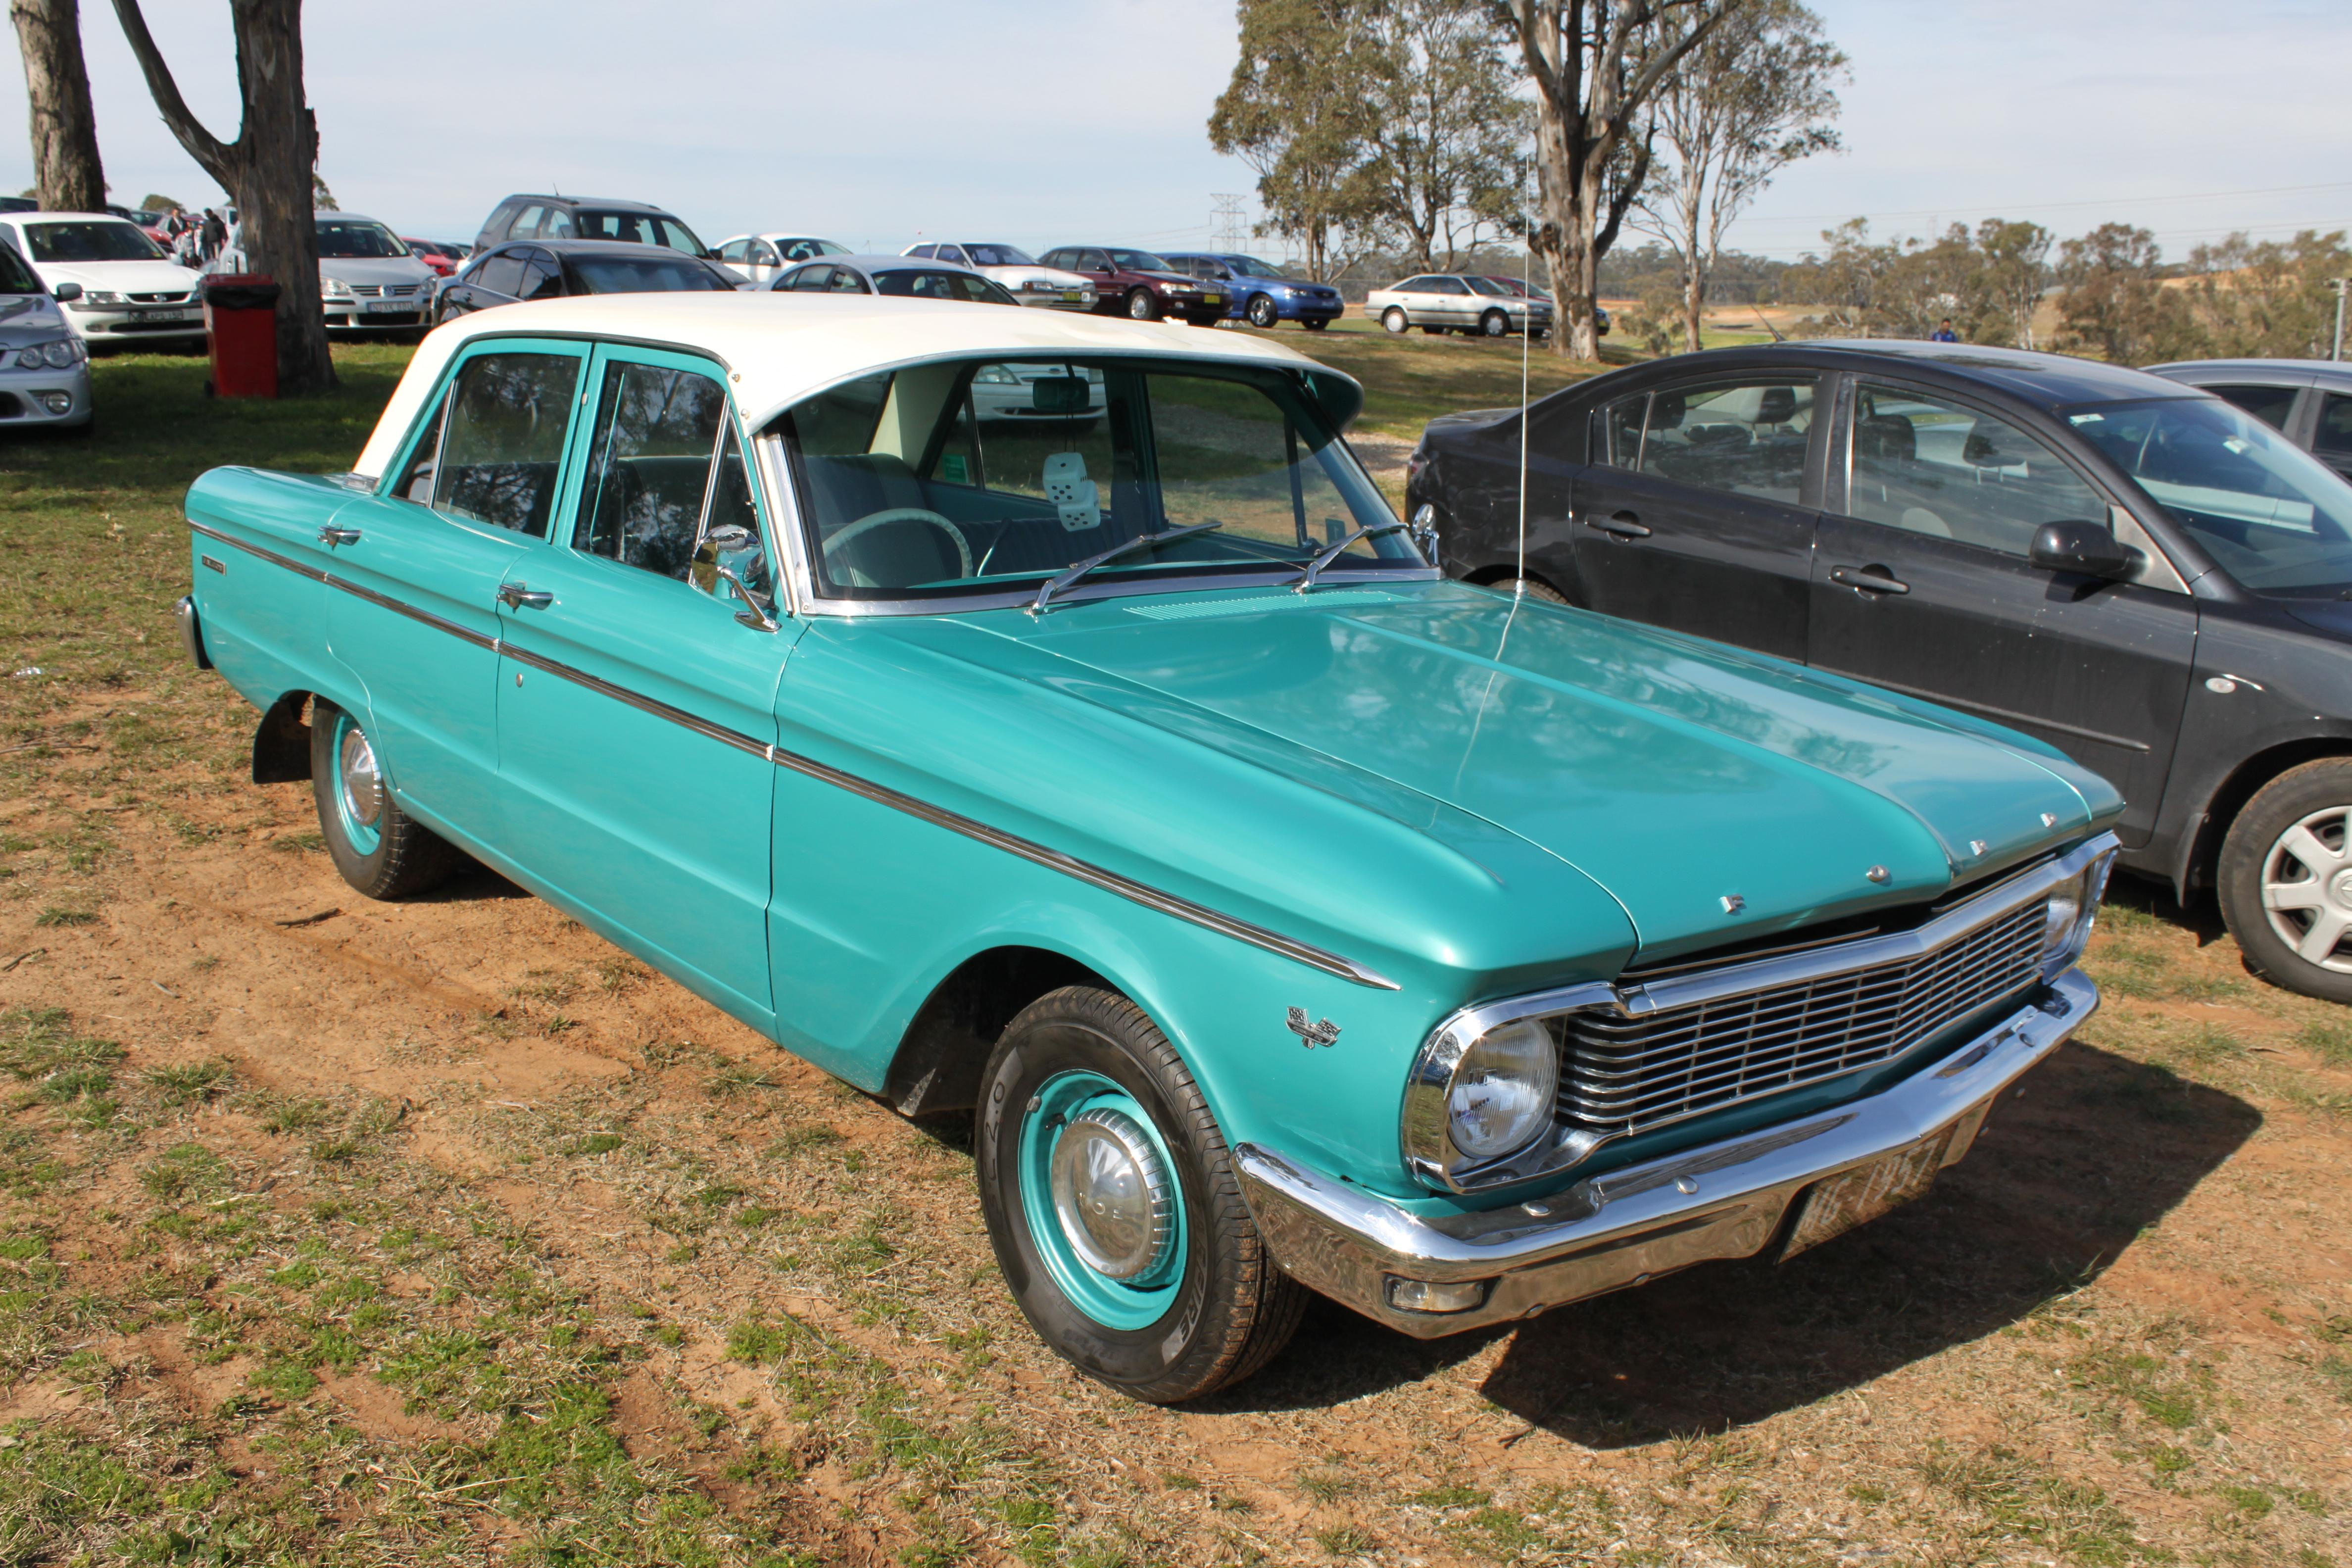 Ford Falcon Xp Wikipedia